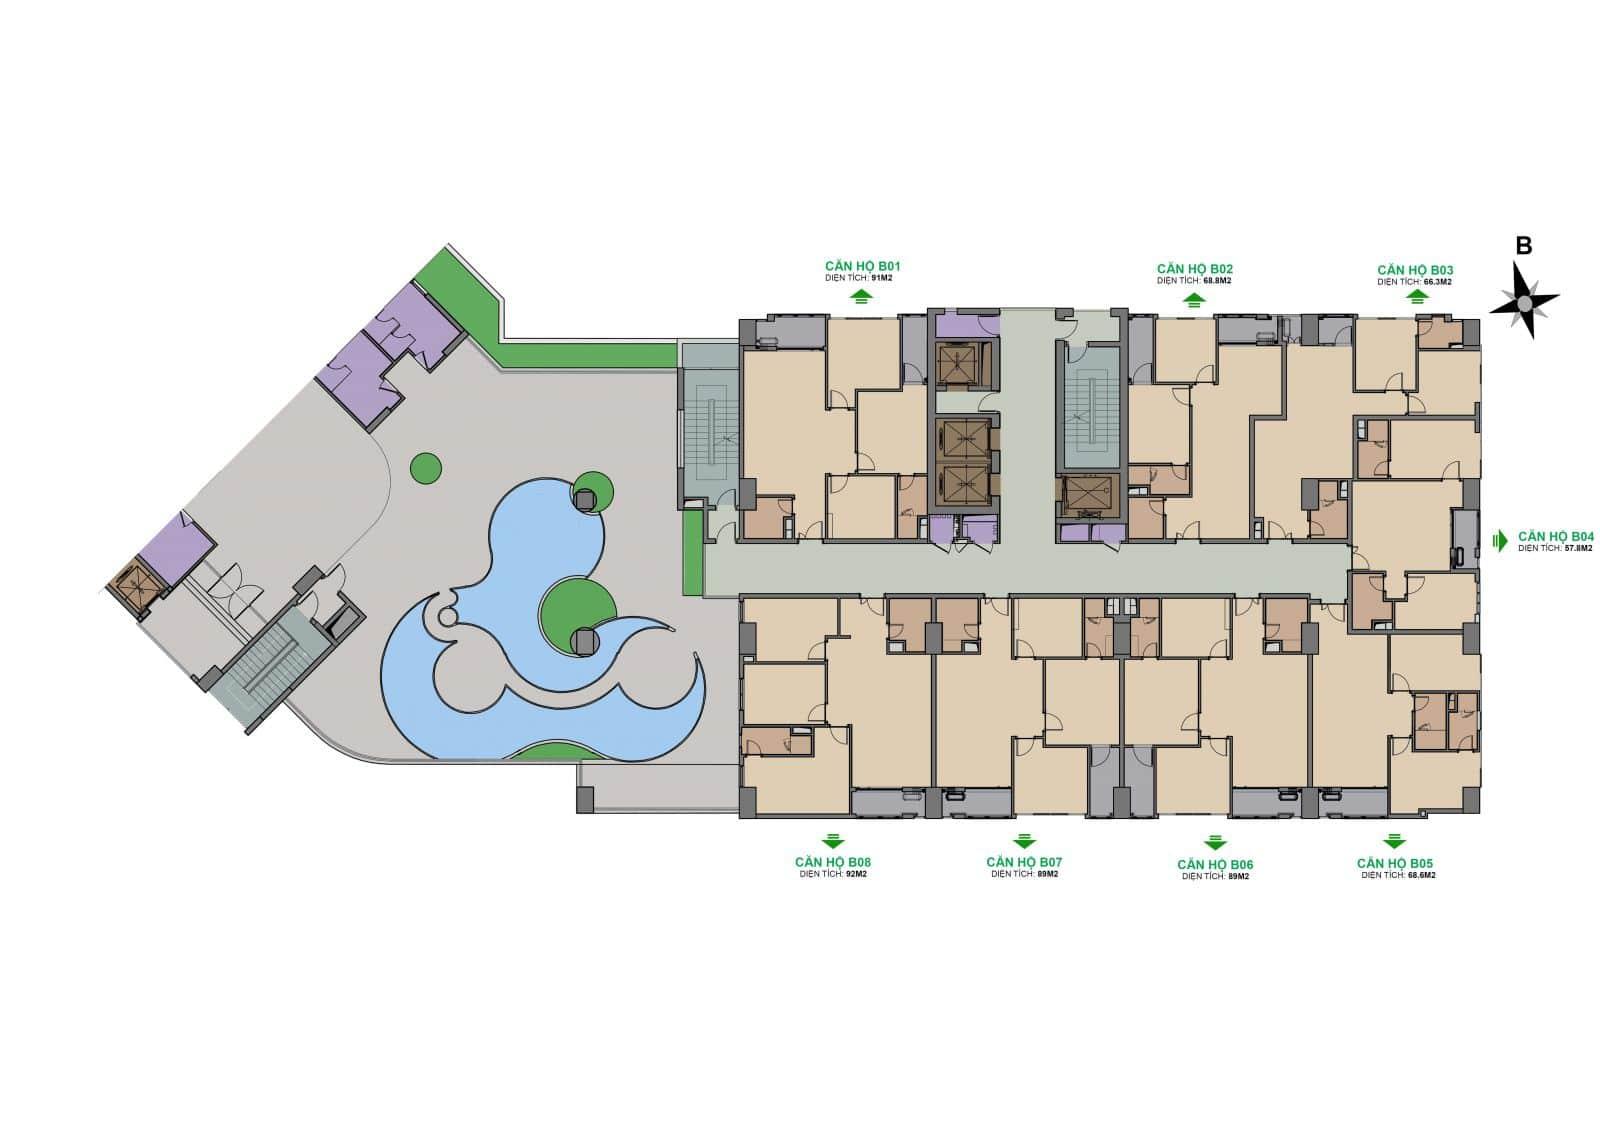 Dự án The Garden Hill 99 Trần Bình mặt bằng tòa B tầng 6